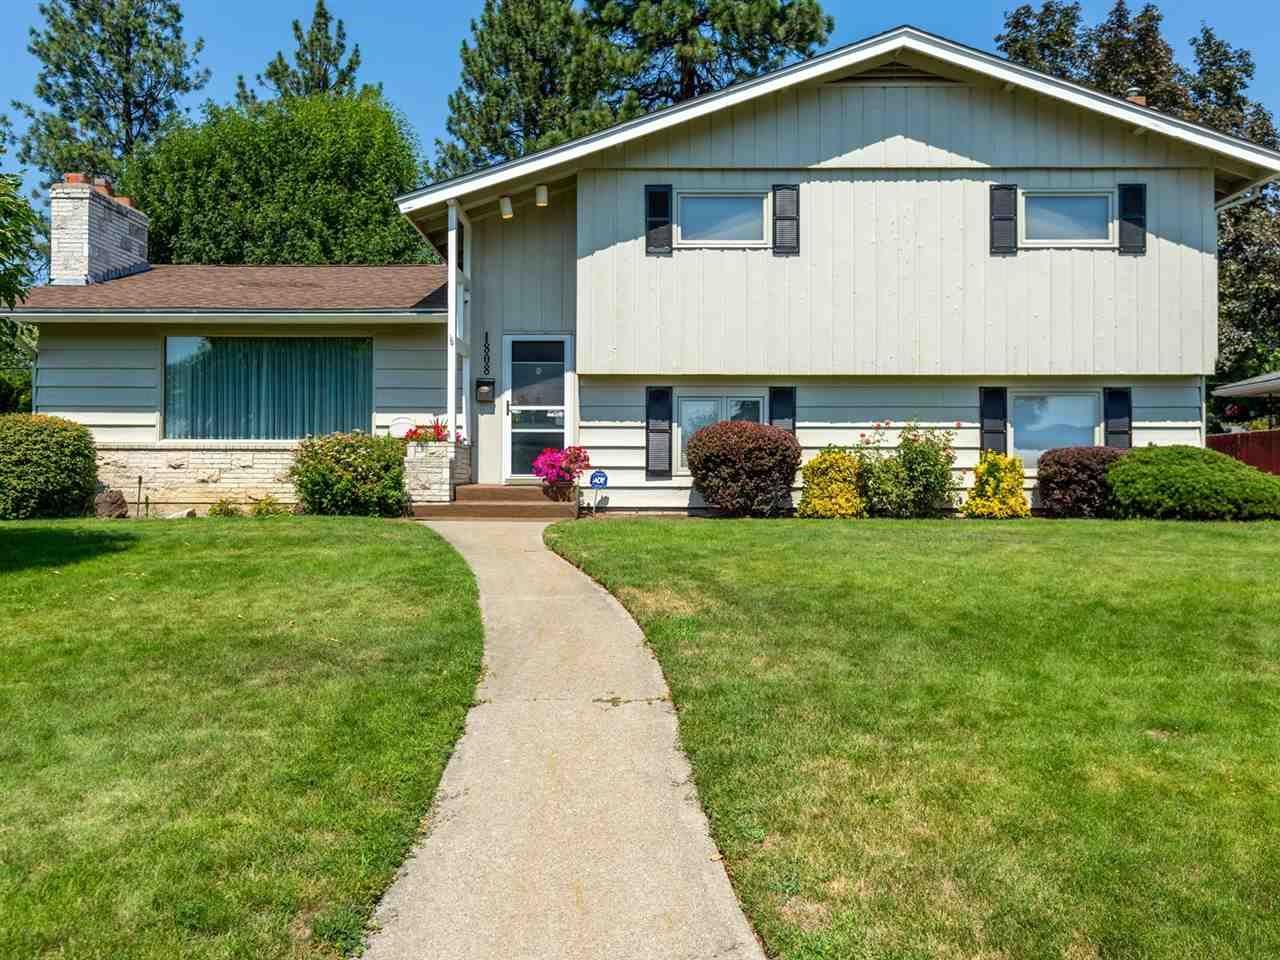 1808 W Glass Ave, Spokane, WA 99205 - #: 202024358